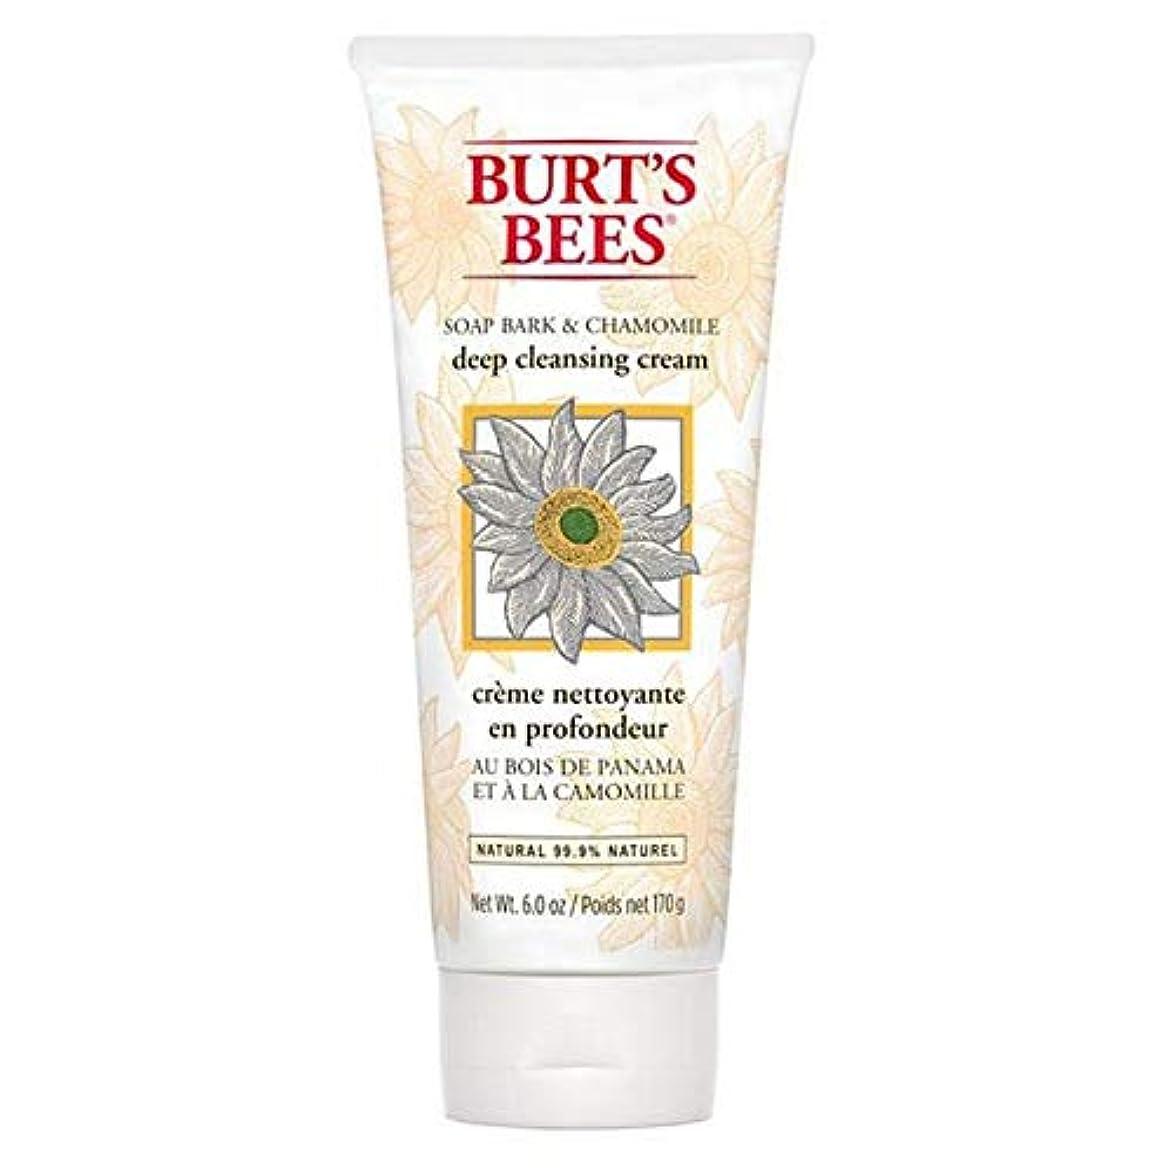 パイプ特に悪党[Burt's Bees ] バーツビー石鹸樹皮&カモミールディープクレンジングクリーム170グラム - Burt's Bees Soap Bark & Chamomile Deep Cleansing Cream 170g...